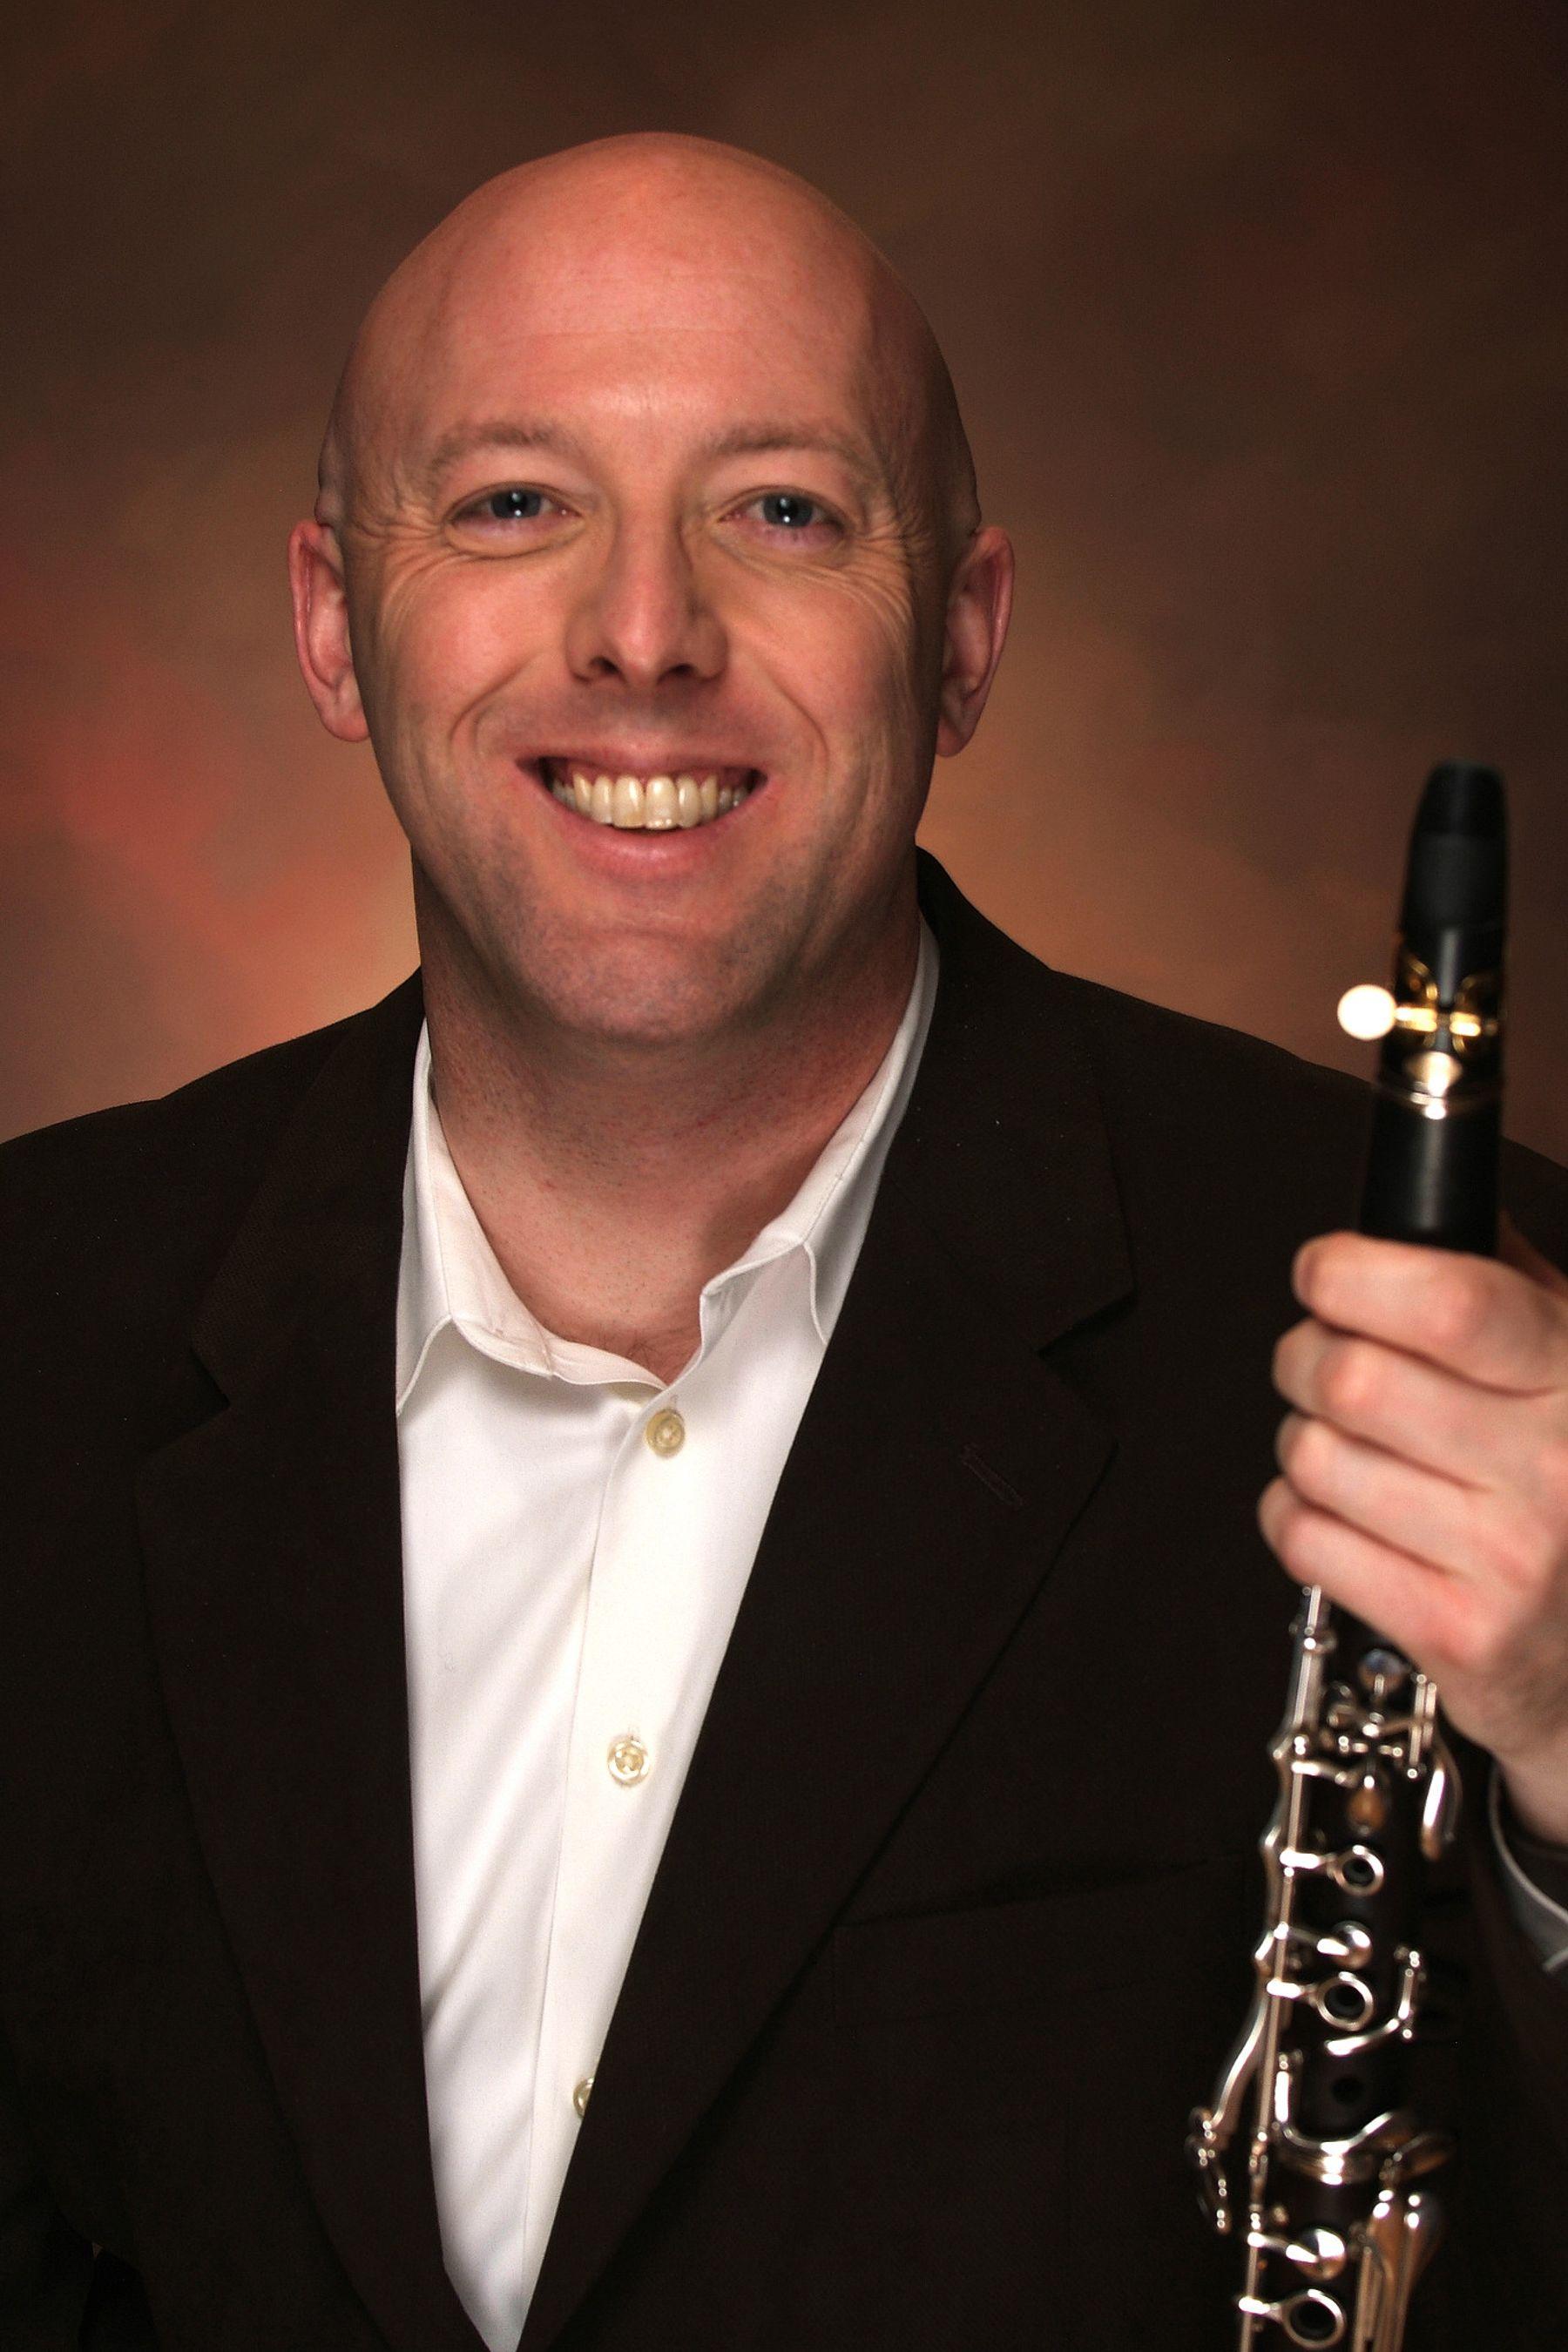 Jeremy Reynolds with clarinet